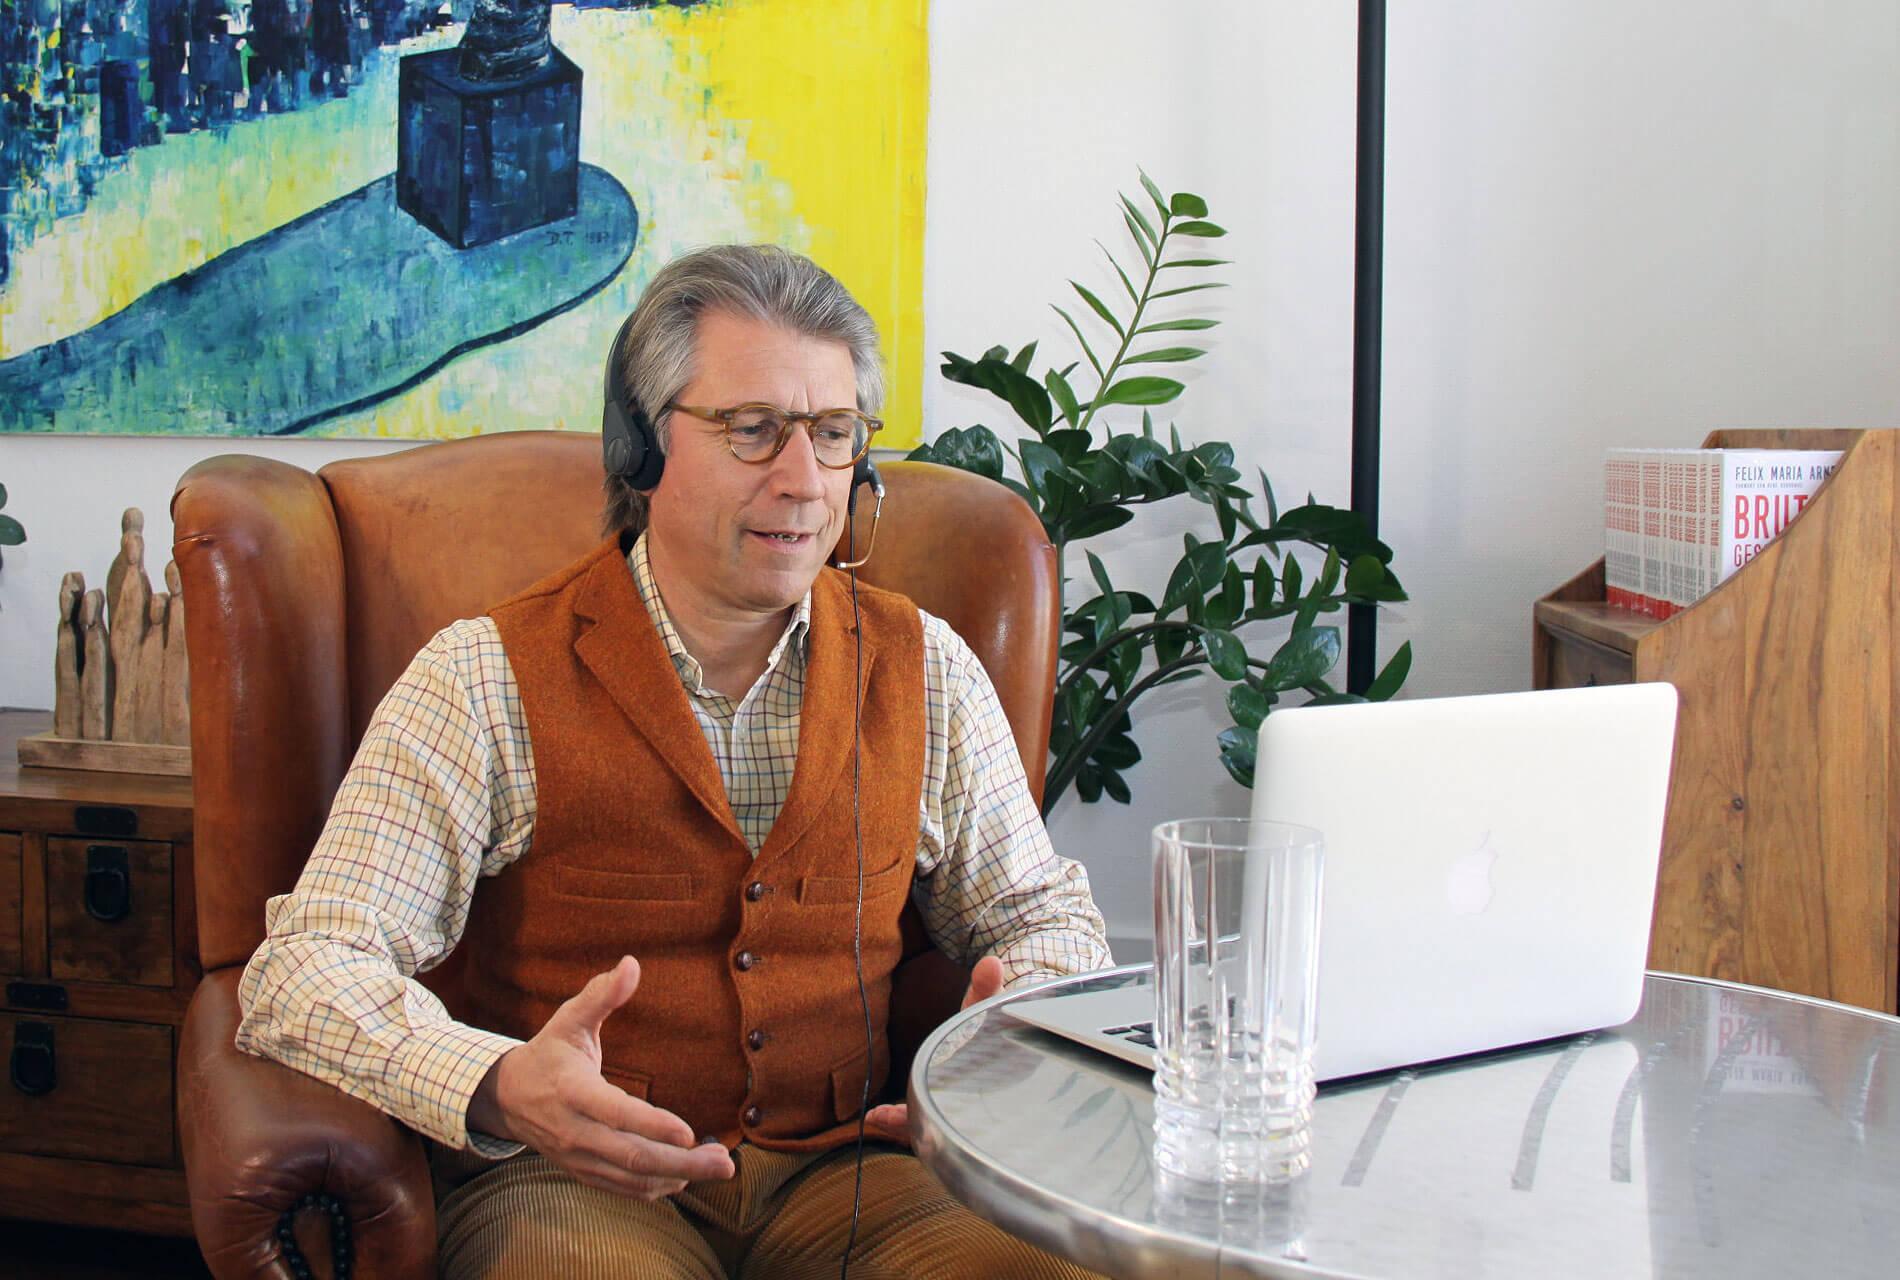 Onlineberatung Lilien Institut Wiesbaden für Paartherapie und Paarberatung